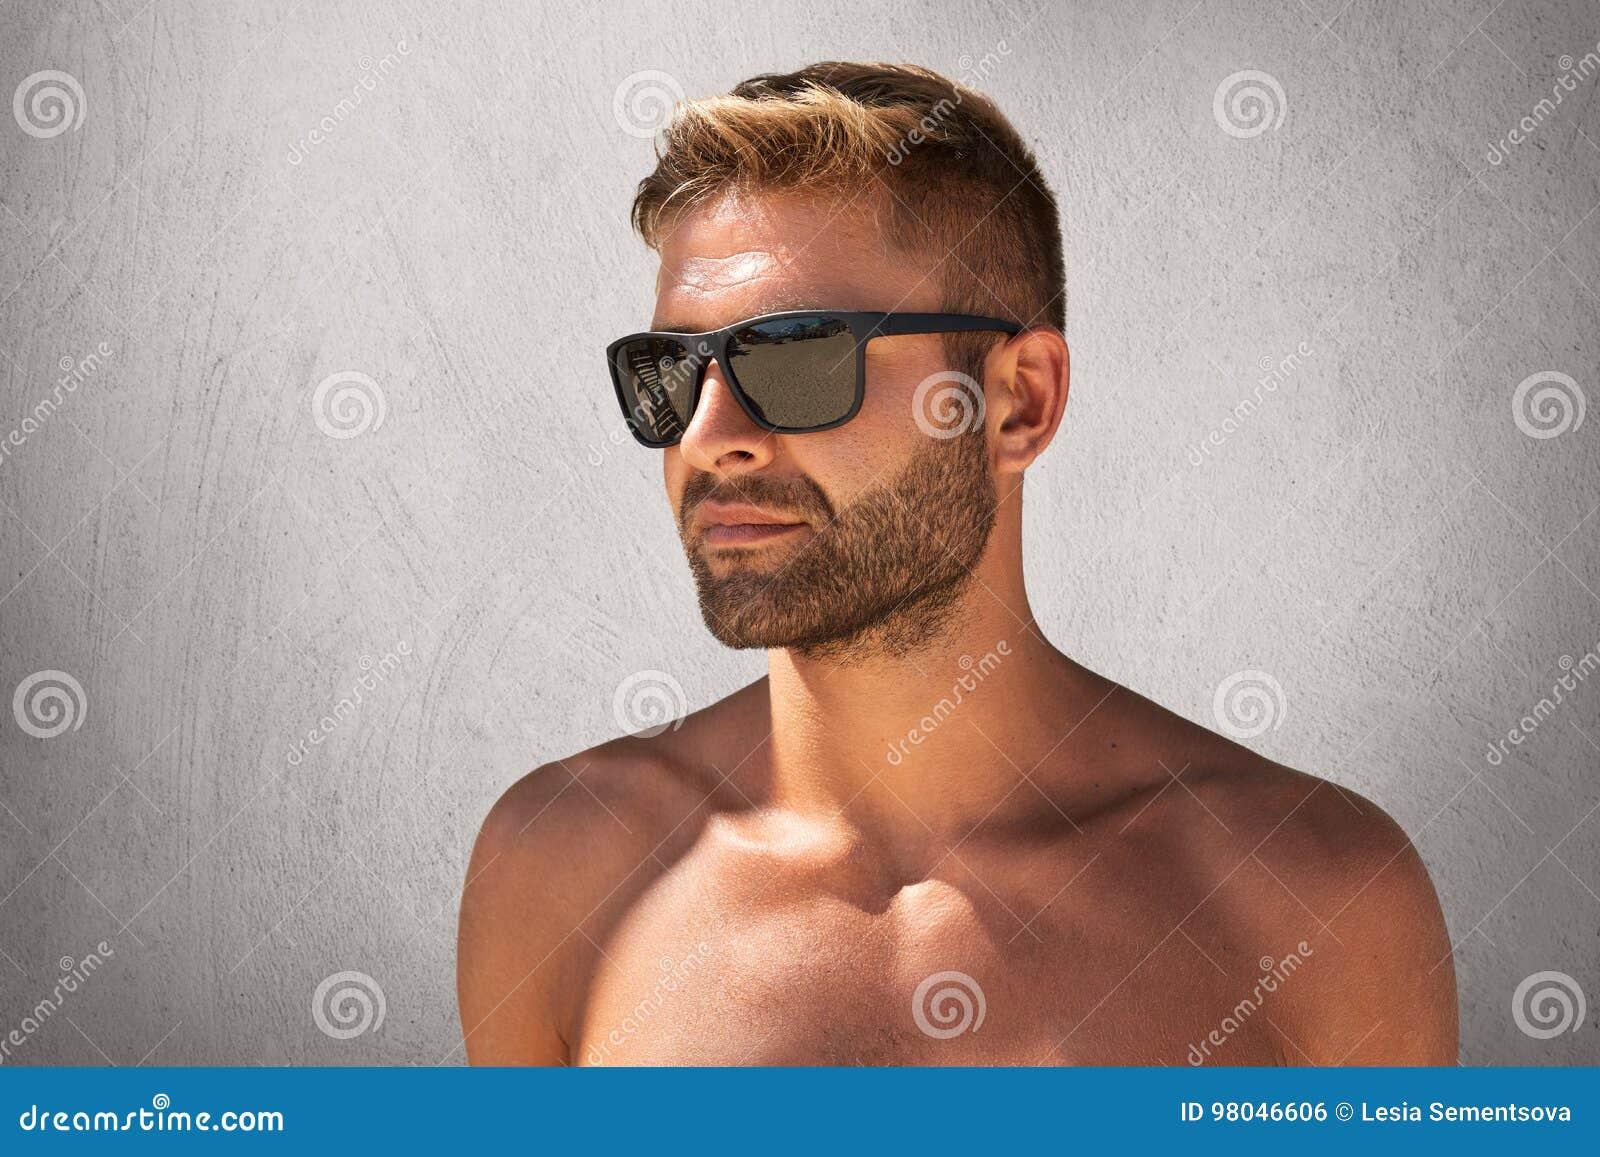 L Homme Macho Fort Avec La Coiffure Elegante Poil Pose Nue Contre